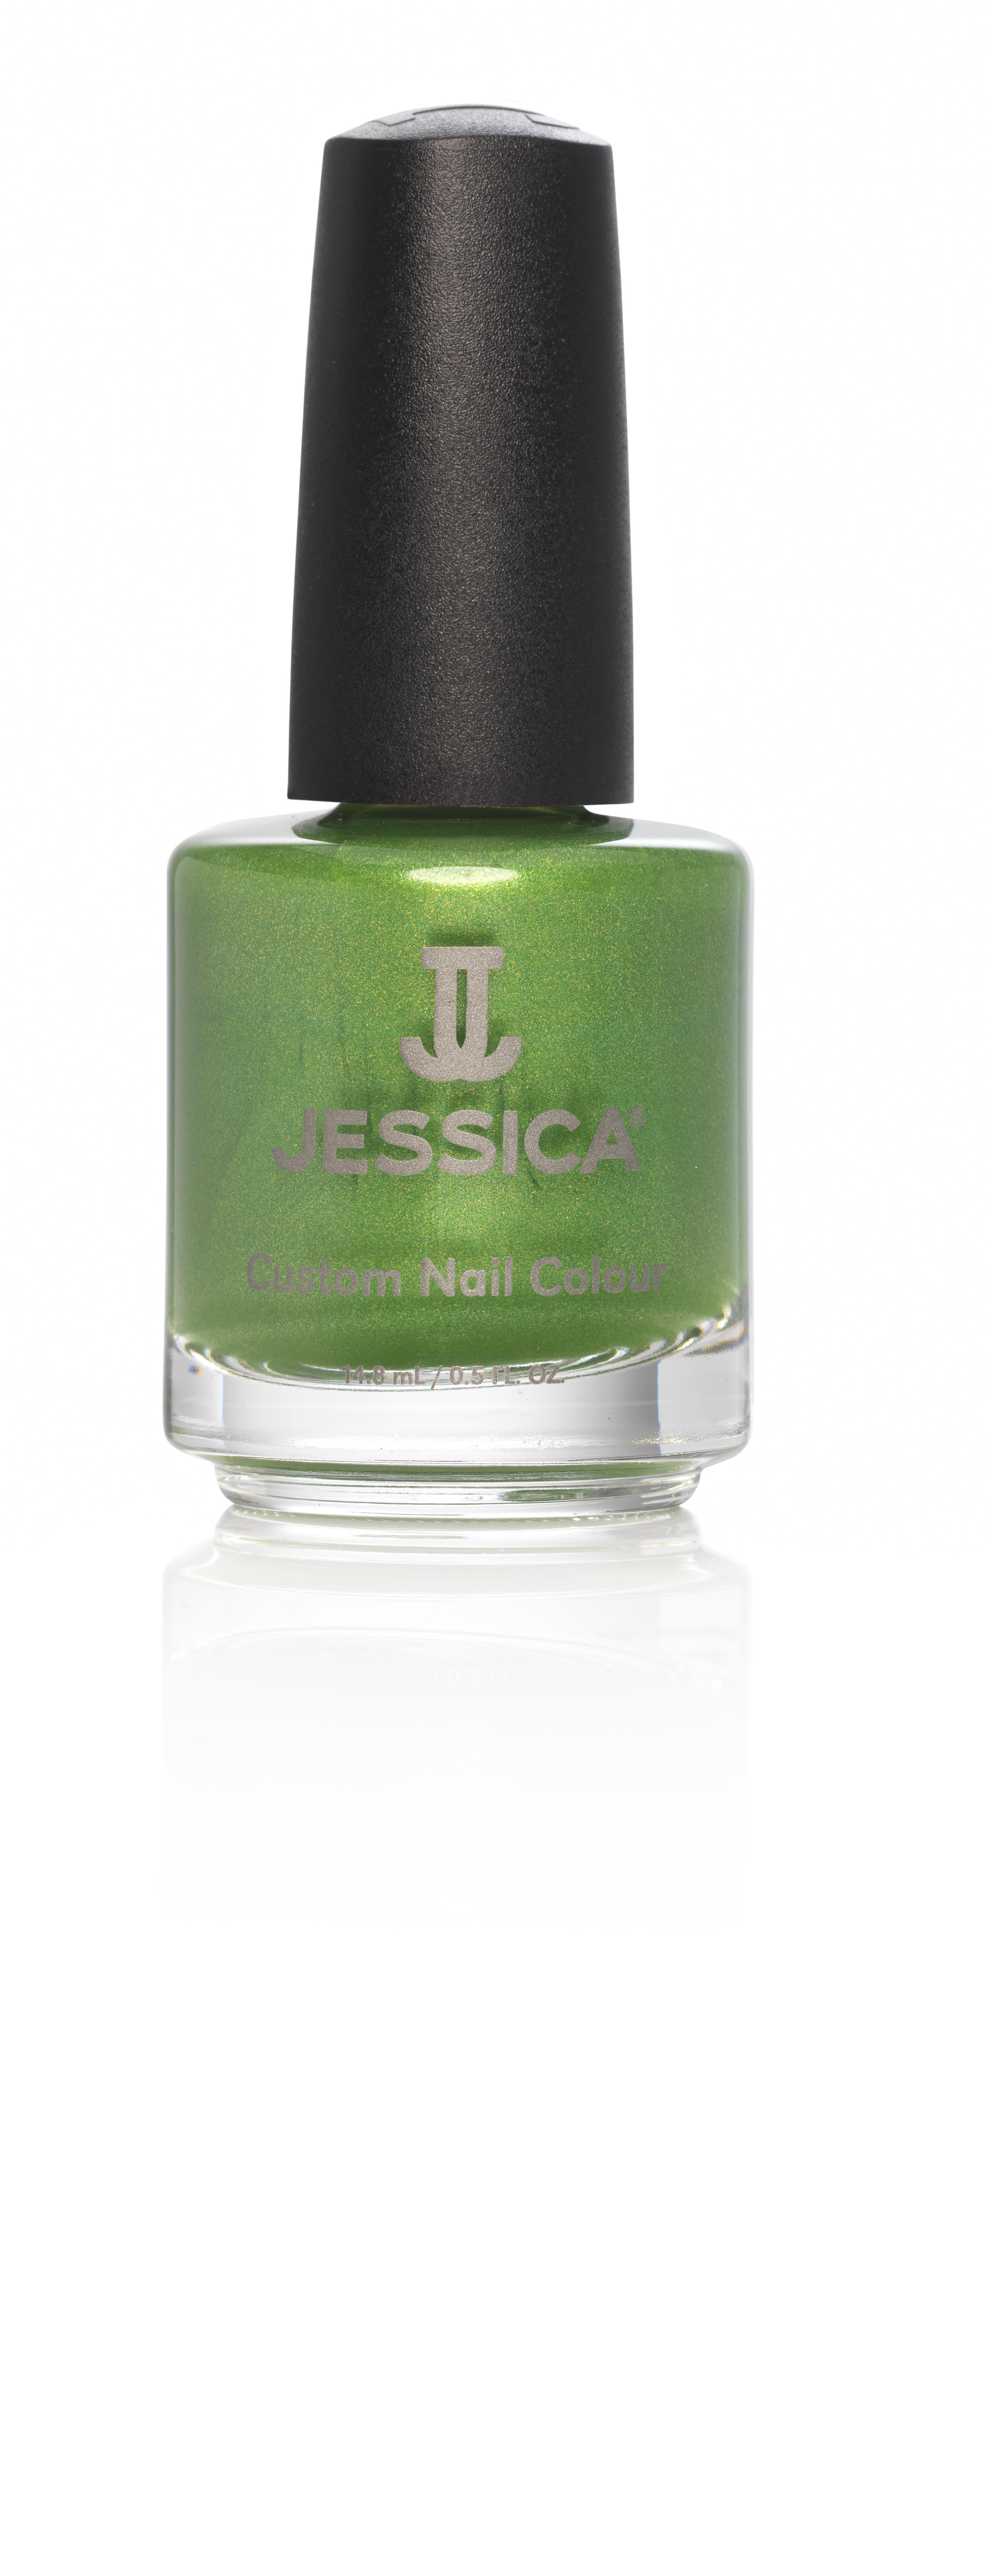 Jessica Лак для ногтей 949 Bollywood Bold 14,8 мл30535427165Лаки JESSICA содержат витамины A, Д и Е, обеспечивают дополнительную защиту ногтей и усиливают терапевтическое воздействие базовых средств и средств-корректоров.